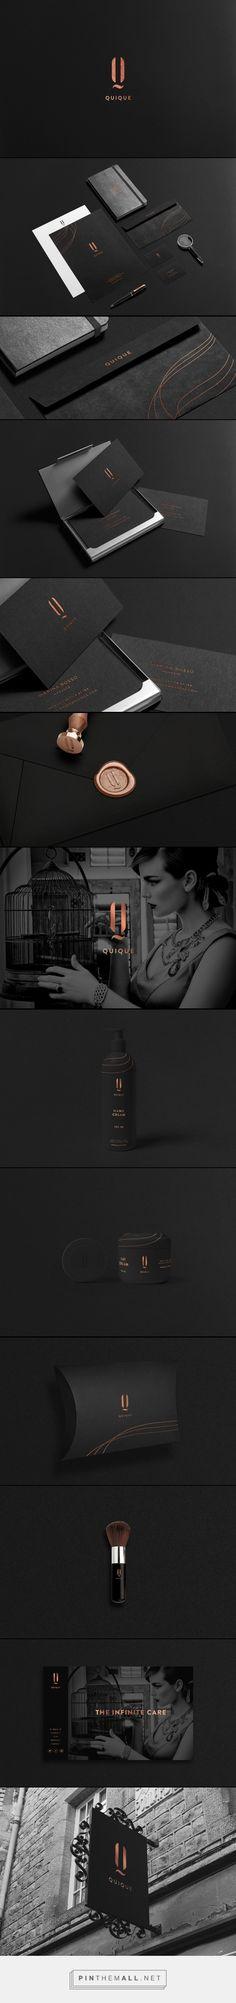 Quique cosmetics on Behance